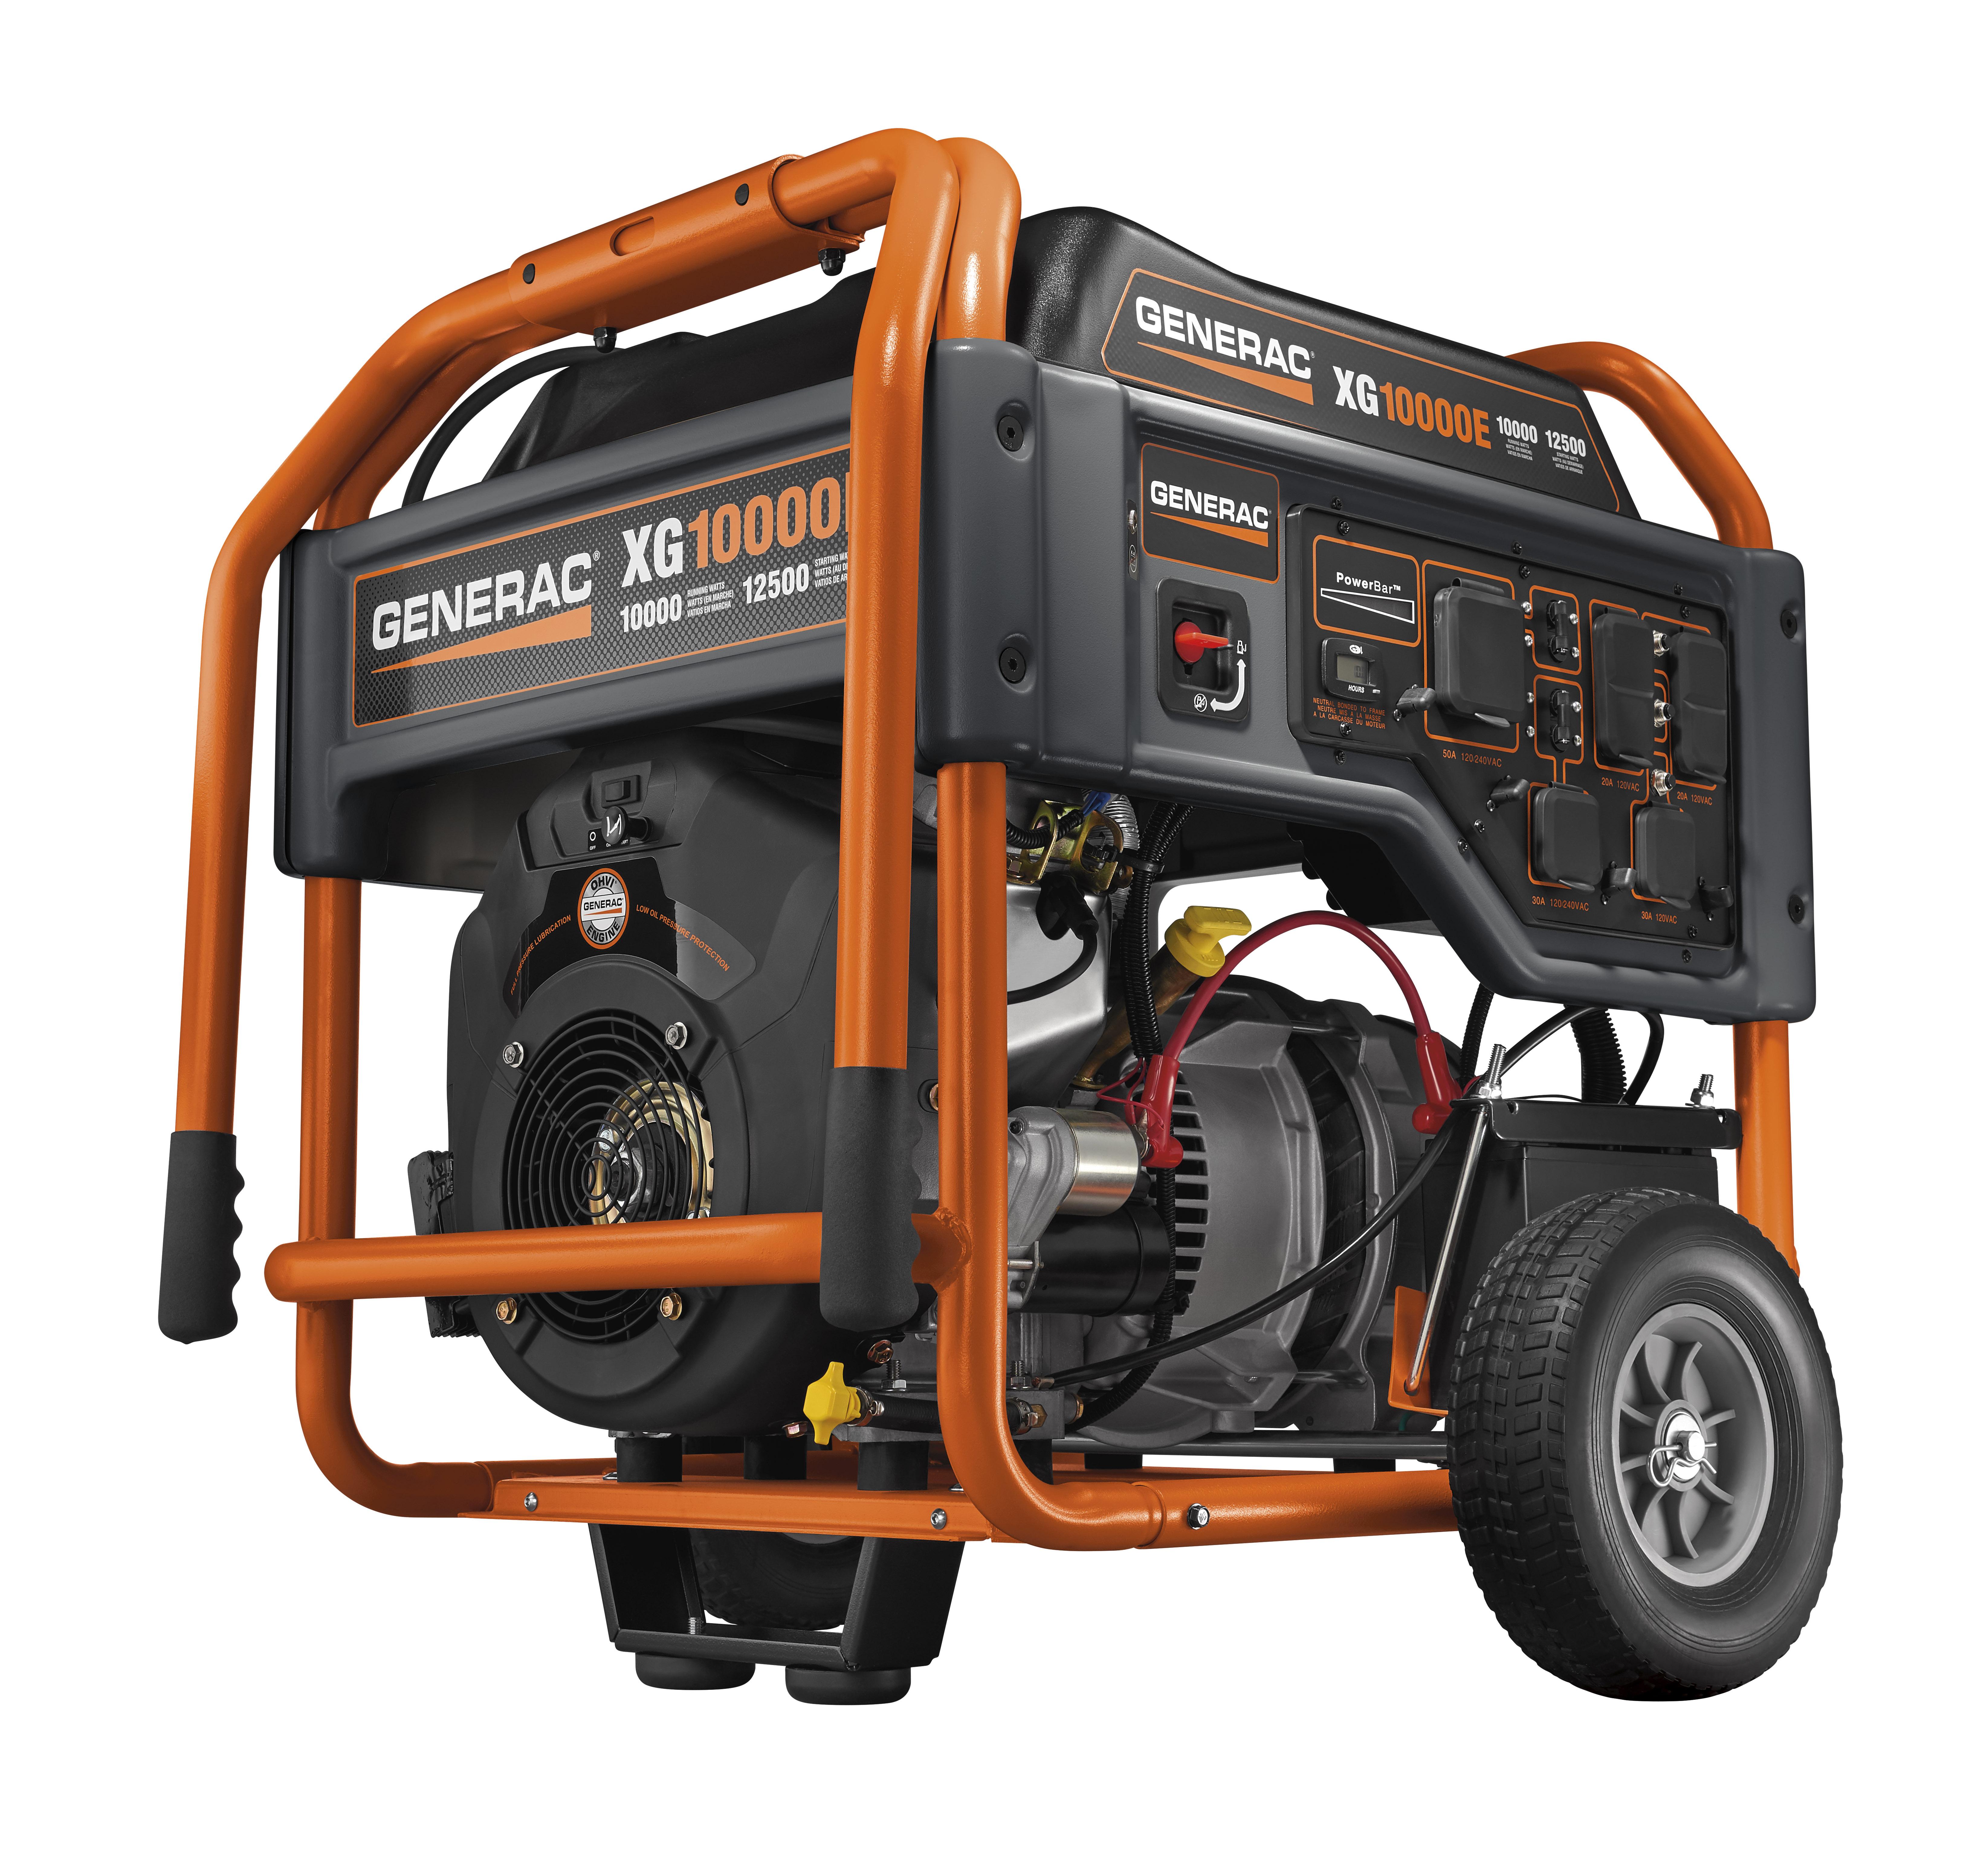 generac power systems 10000 watt xg series portable  honda 12000 watt portable generator wiring diagram #9